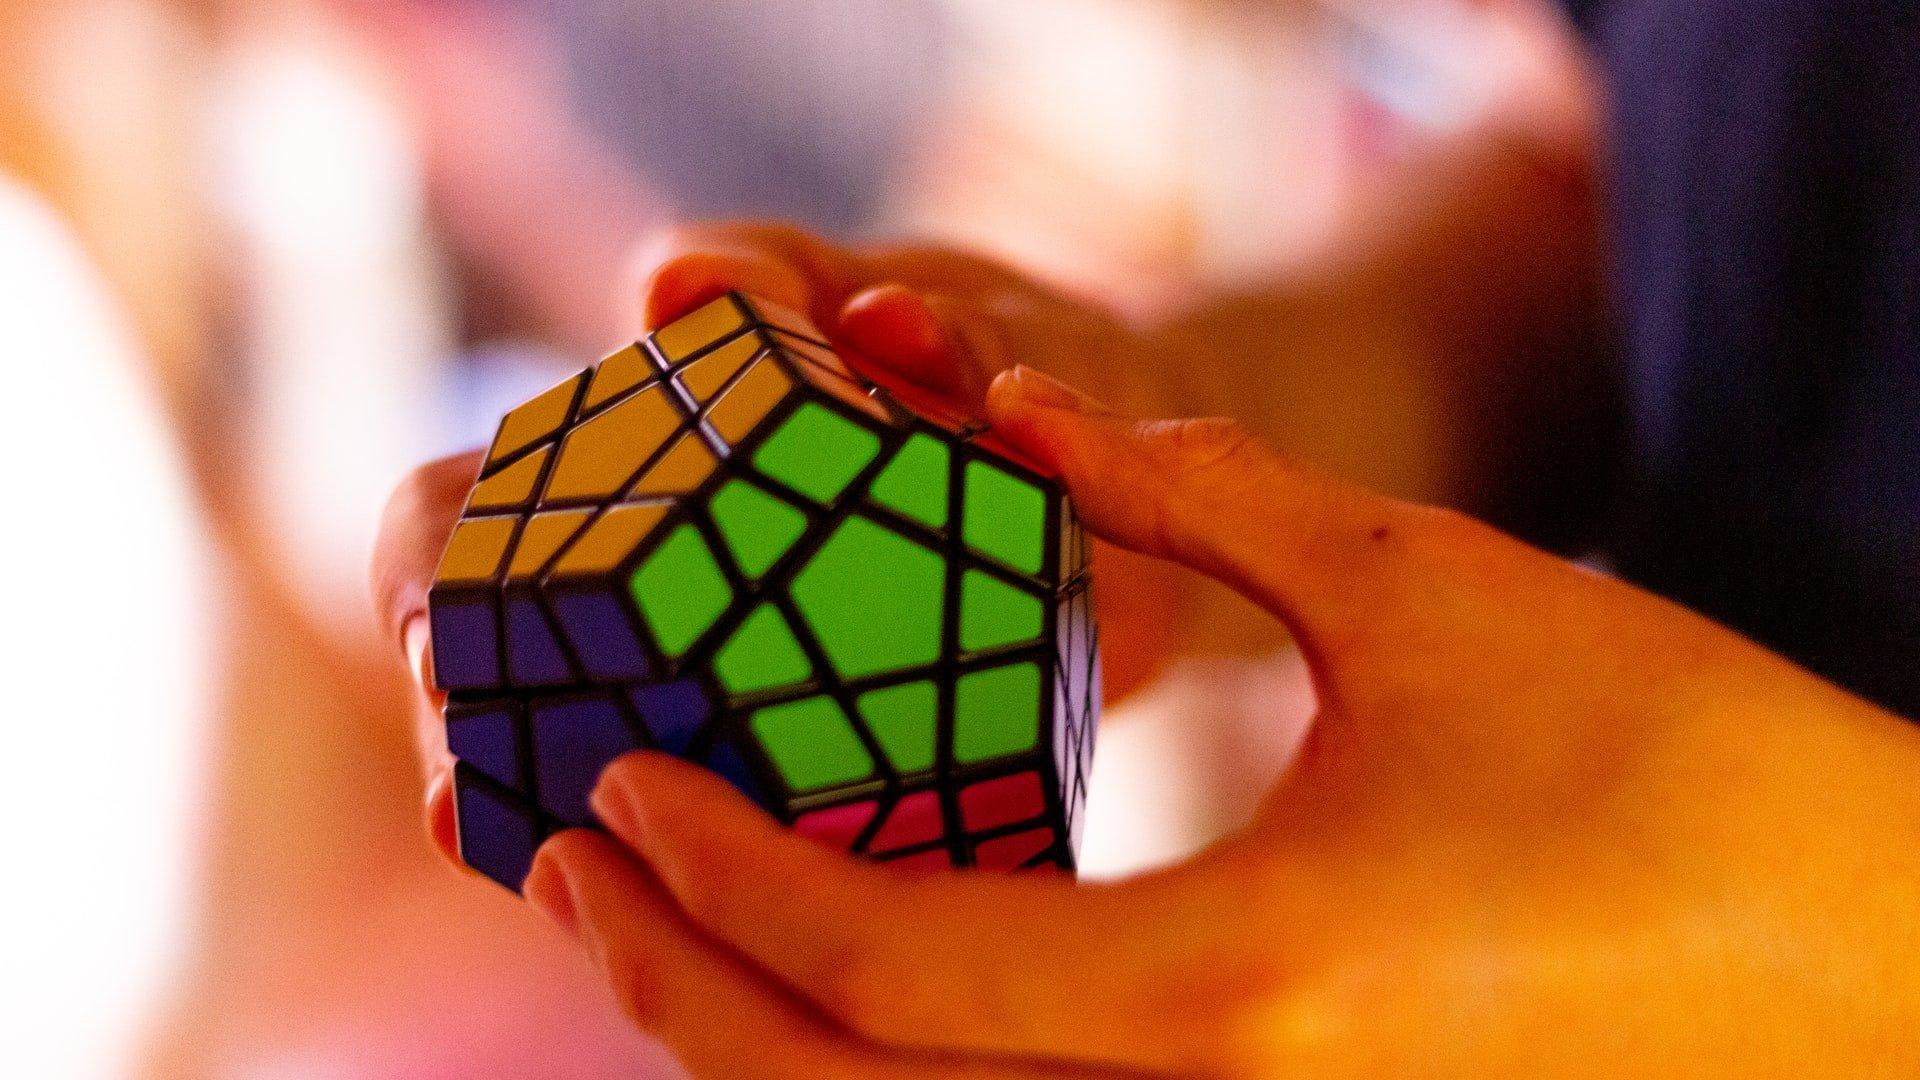 Human mind complex tasks